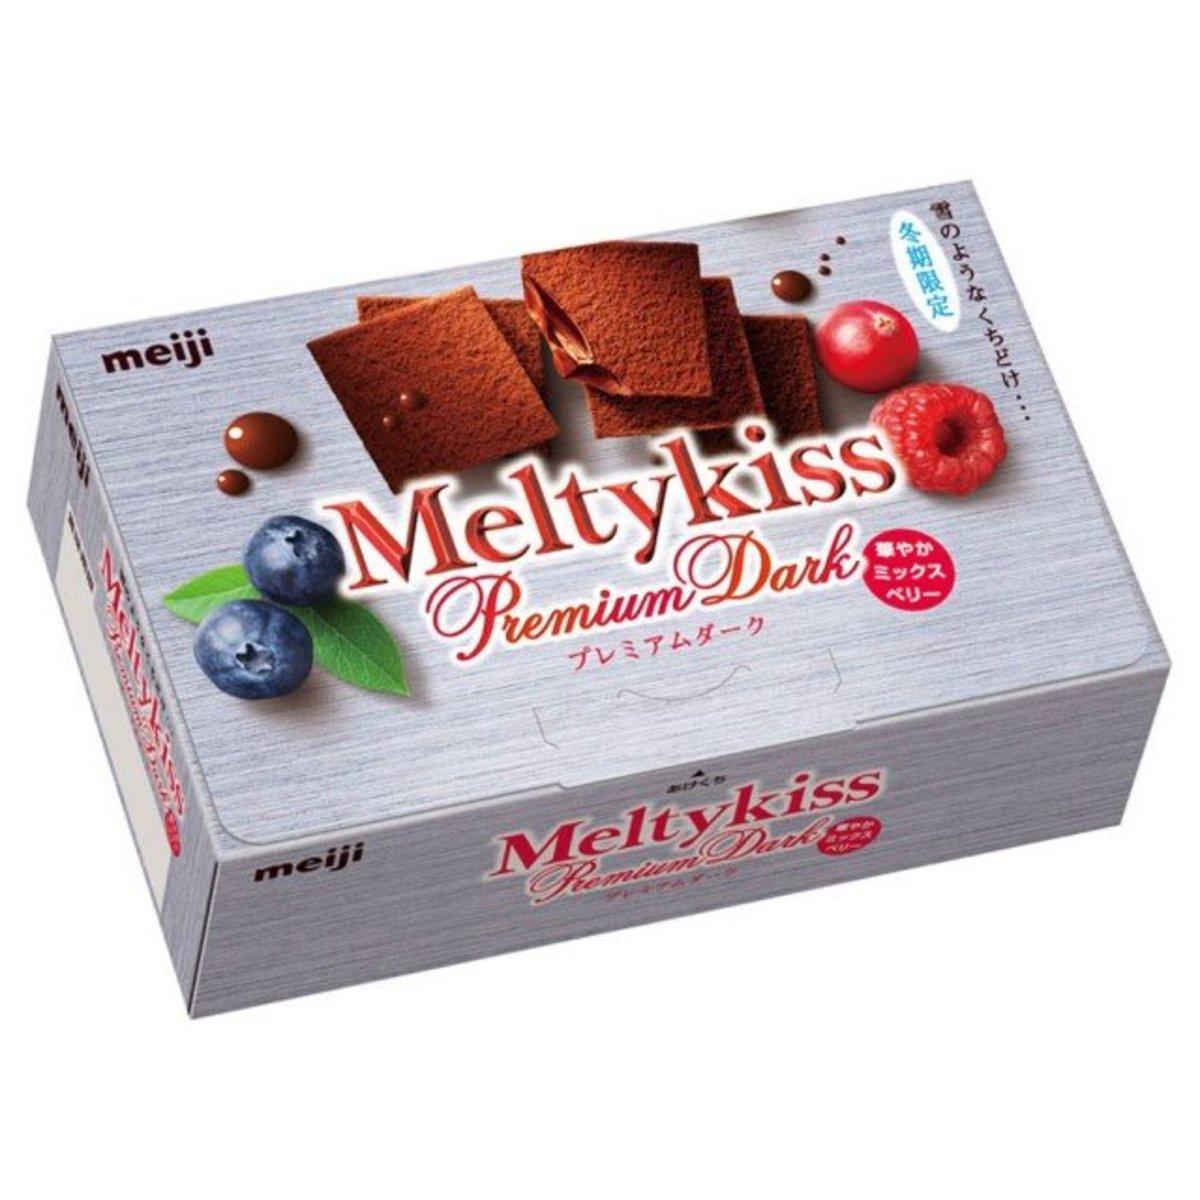 Melty Kiss Premium Dark Ornate Mixed Berry Chocolate 44g (4902777072807)